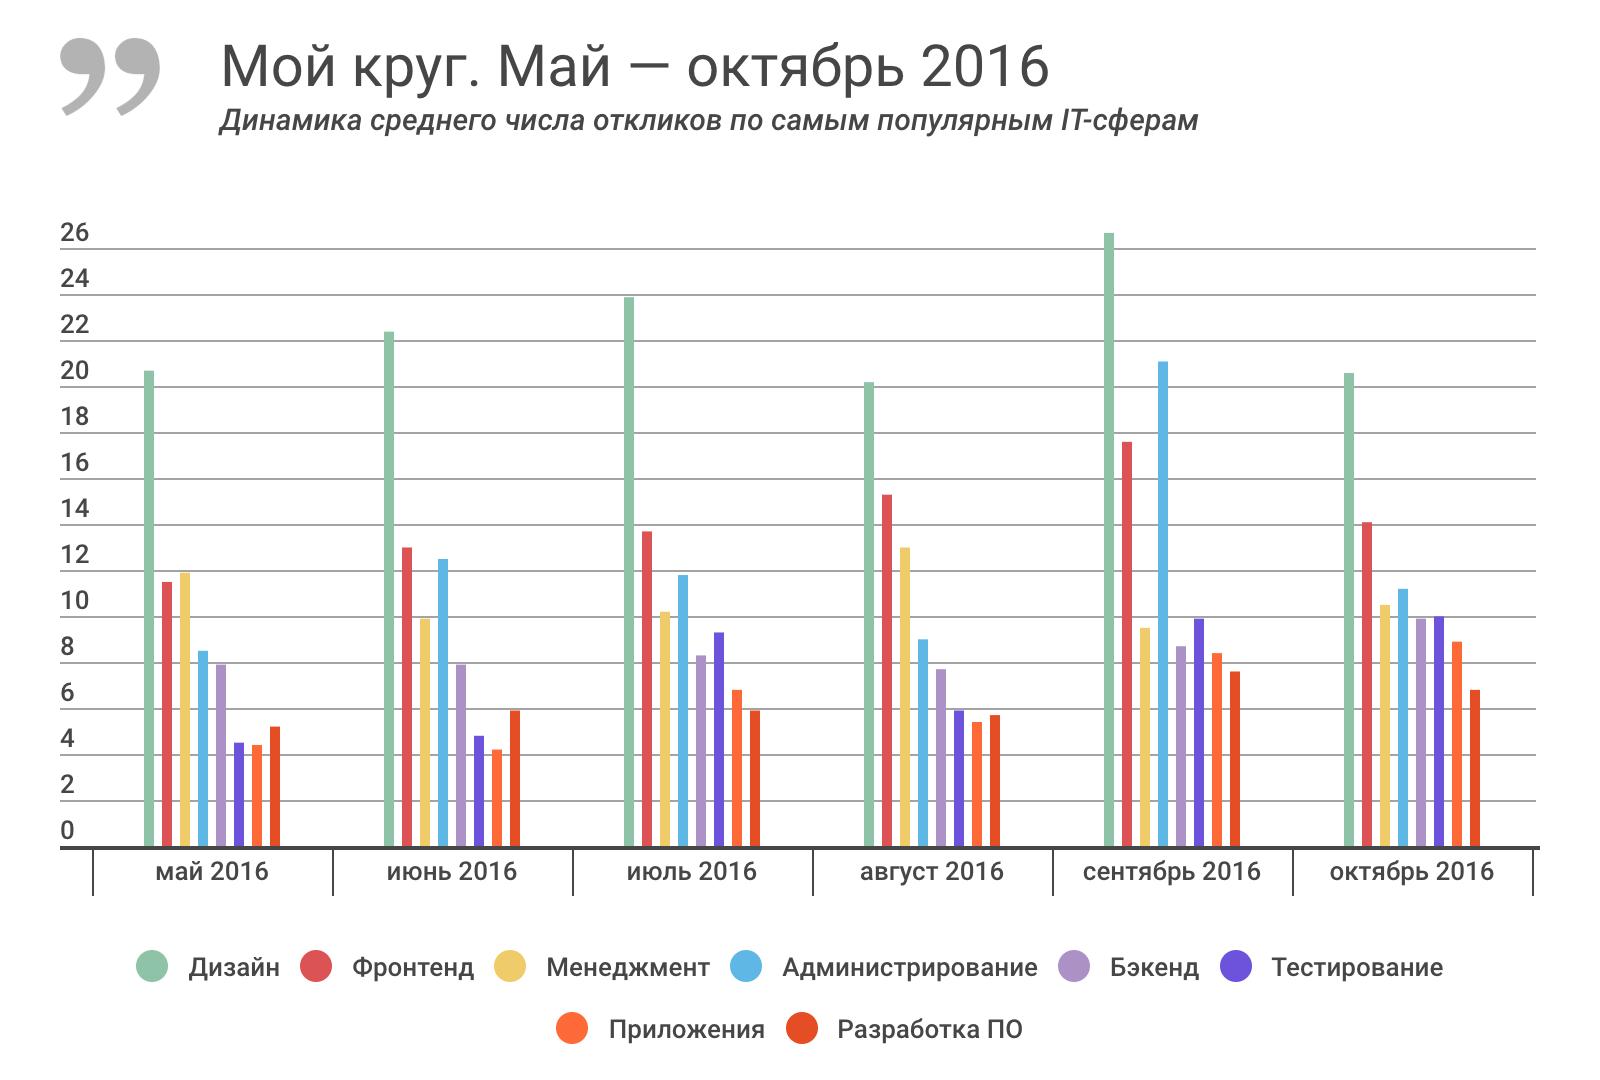 Отчет о результатах «Моего круга» за октябрь 2016, и самые популярные вакансии месяца - 2